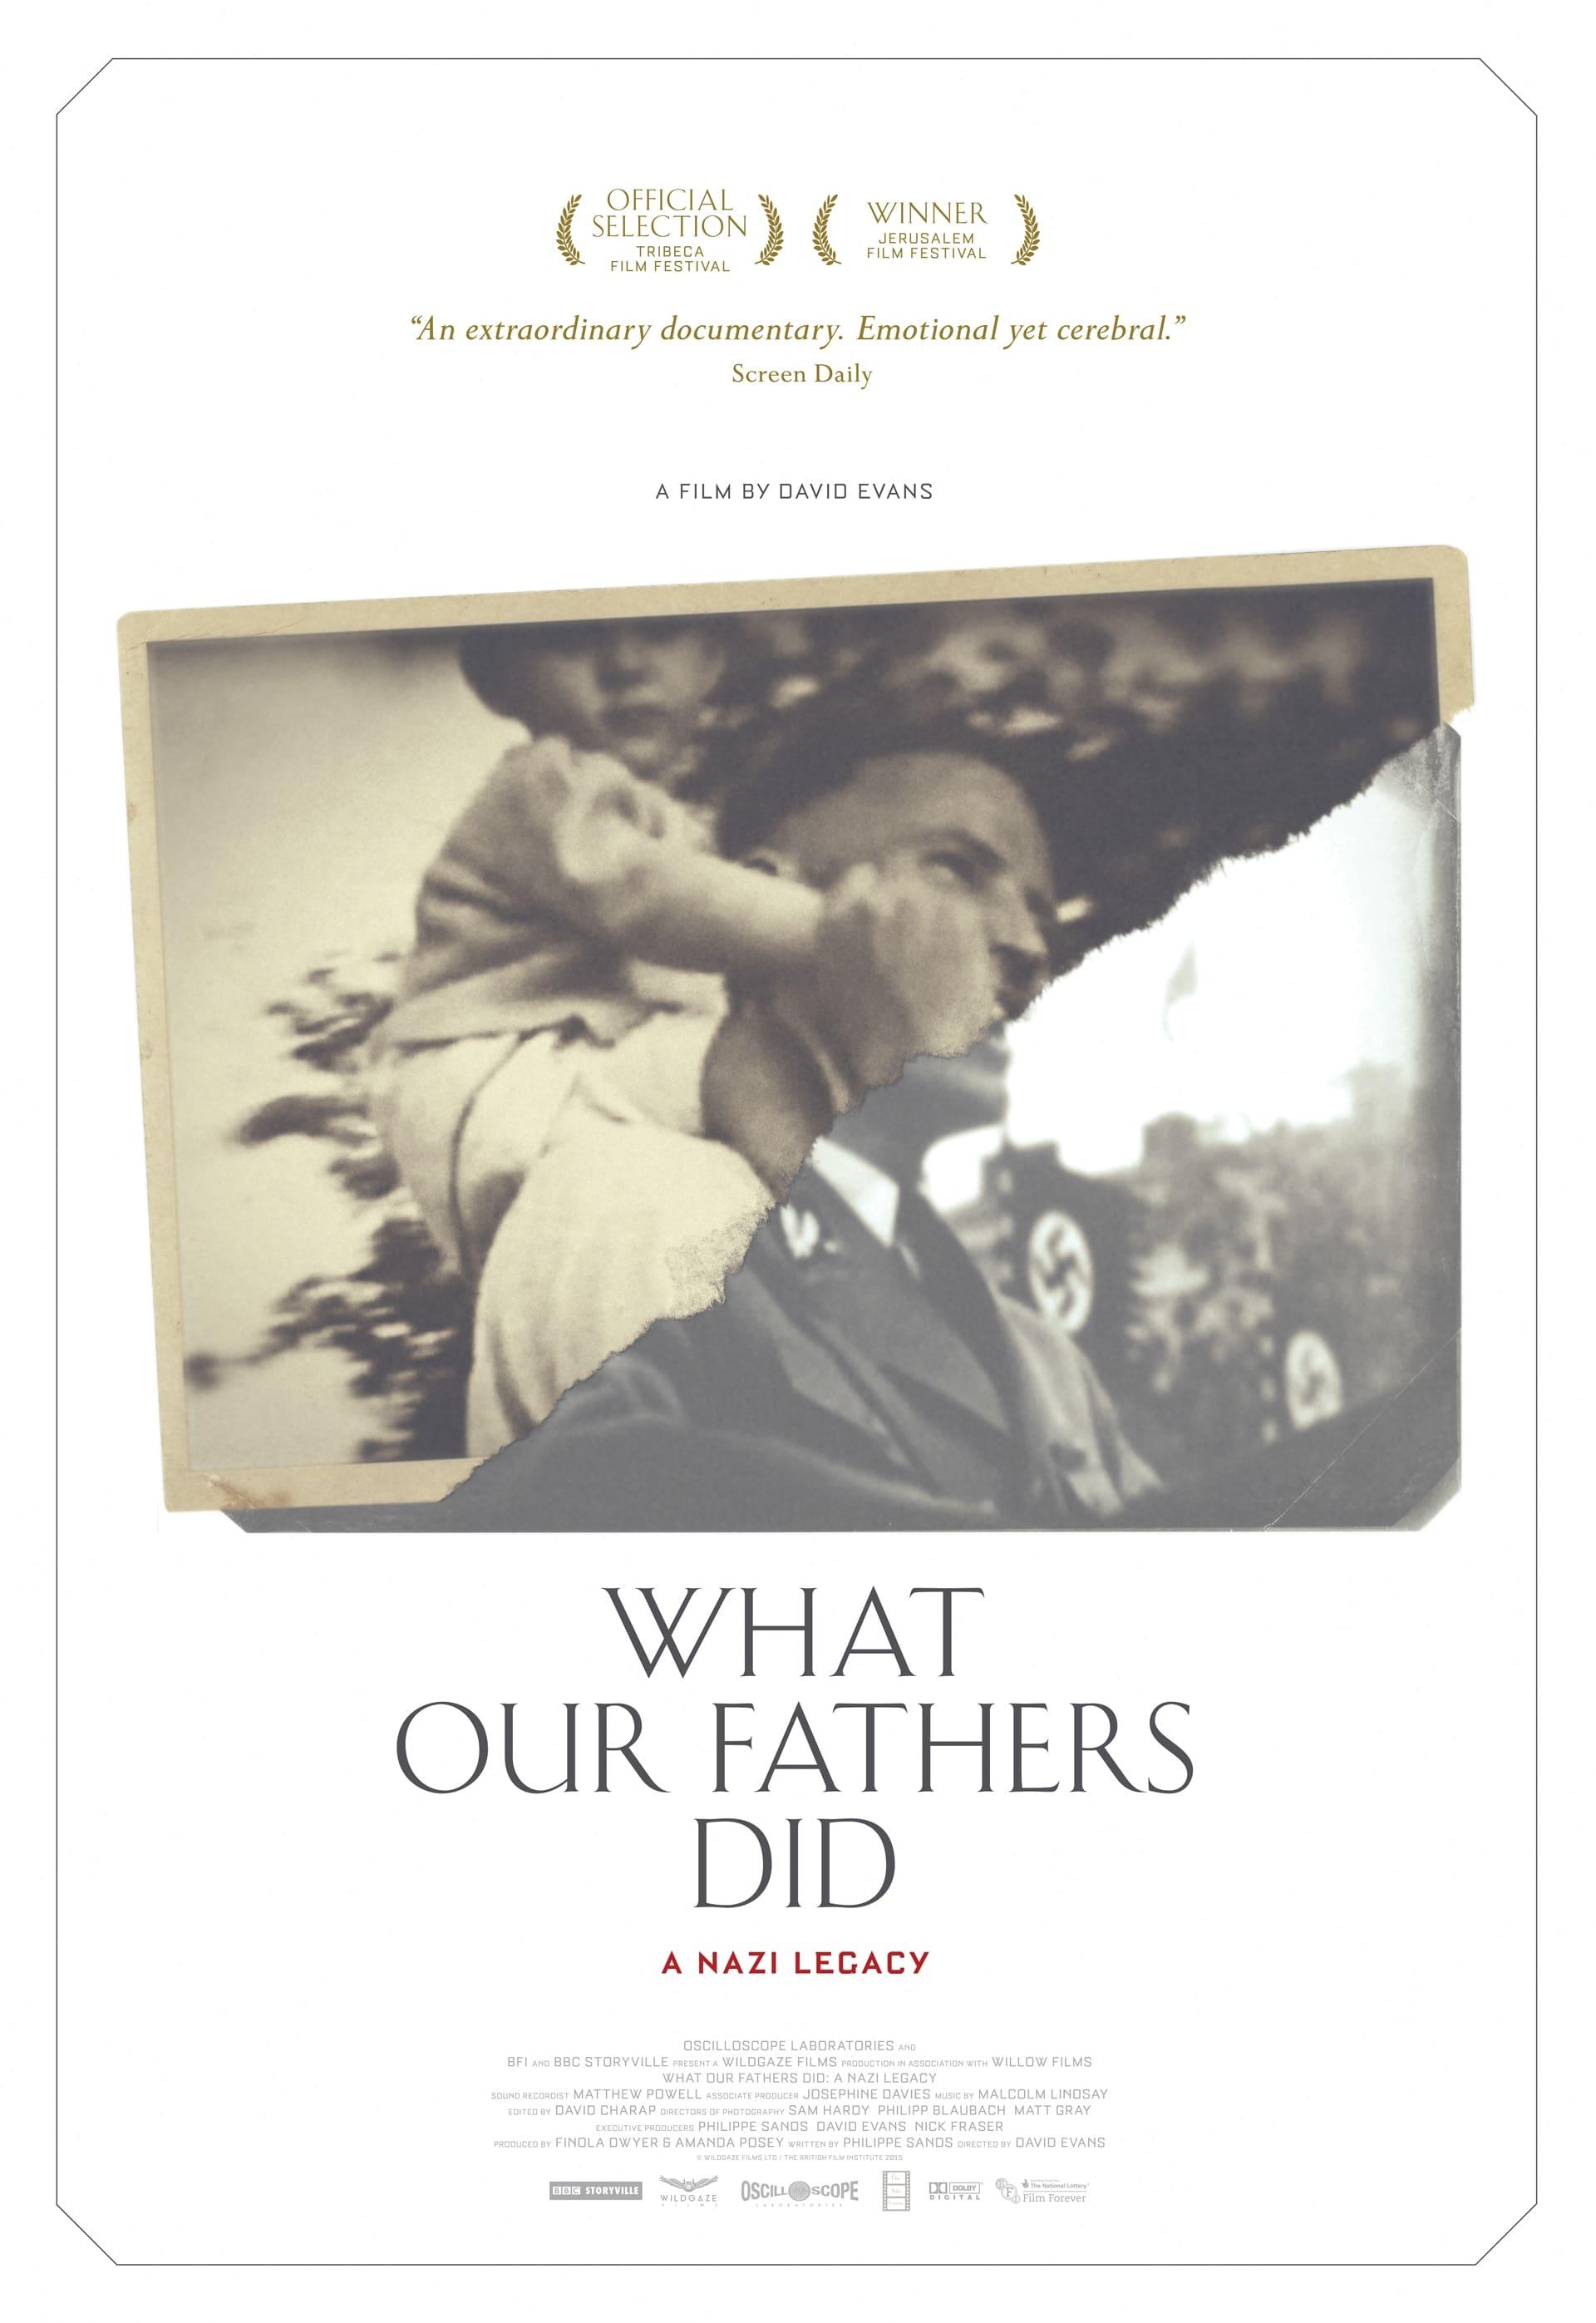 O Que Nossos Pais Fizeram: Um Legado Nazista